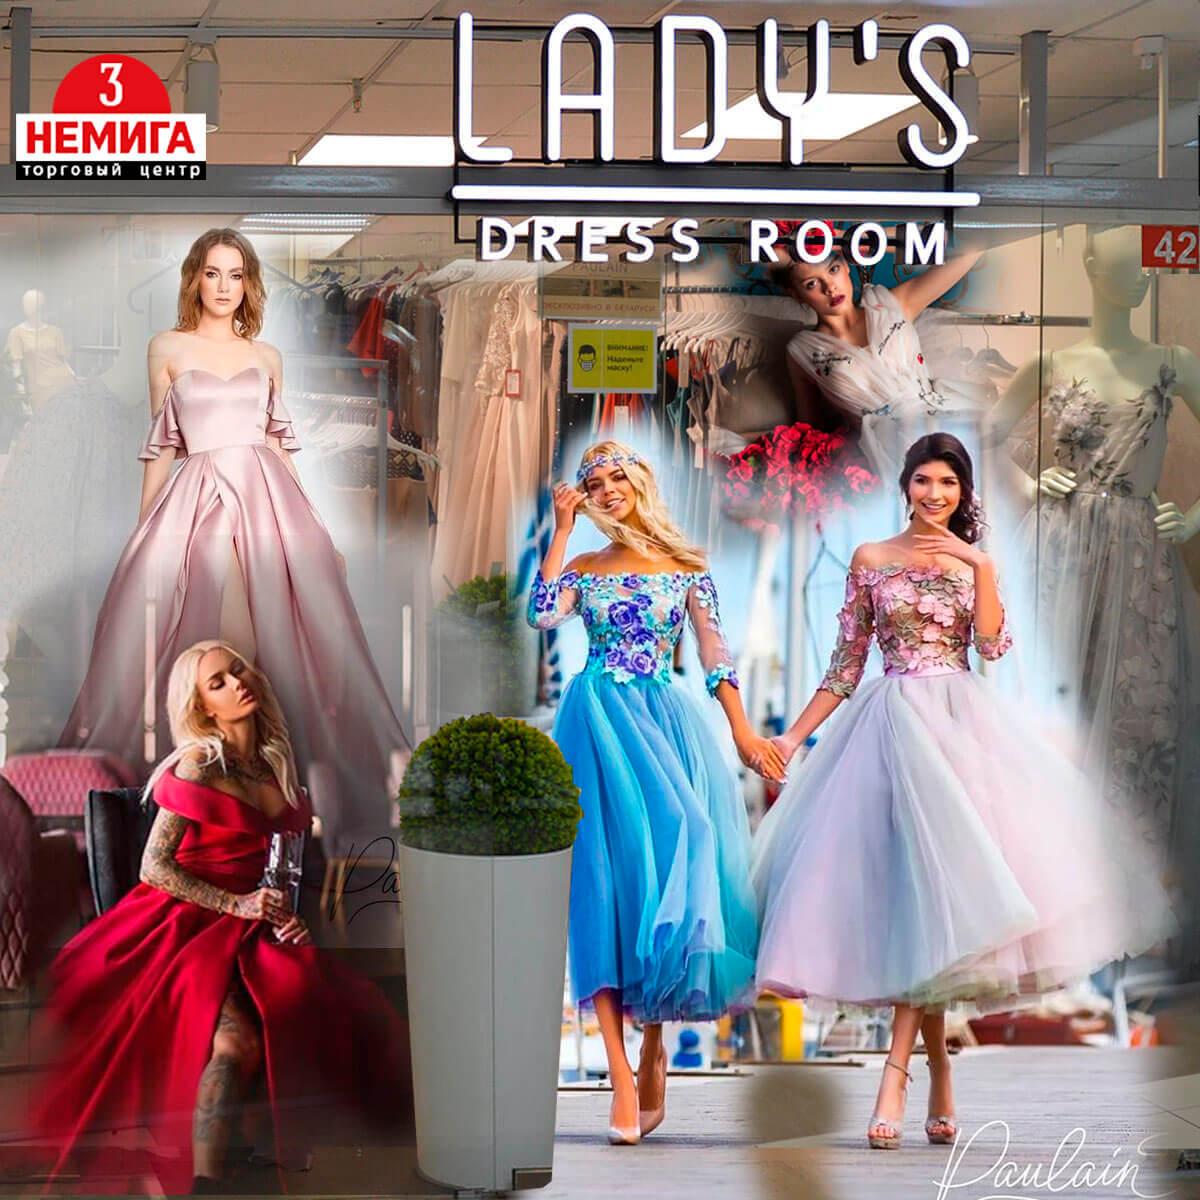 Новая роскошная коллекция платьев в салоне-магазине «LADY'S dress room» в Торговом Центре «Немига 3»